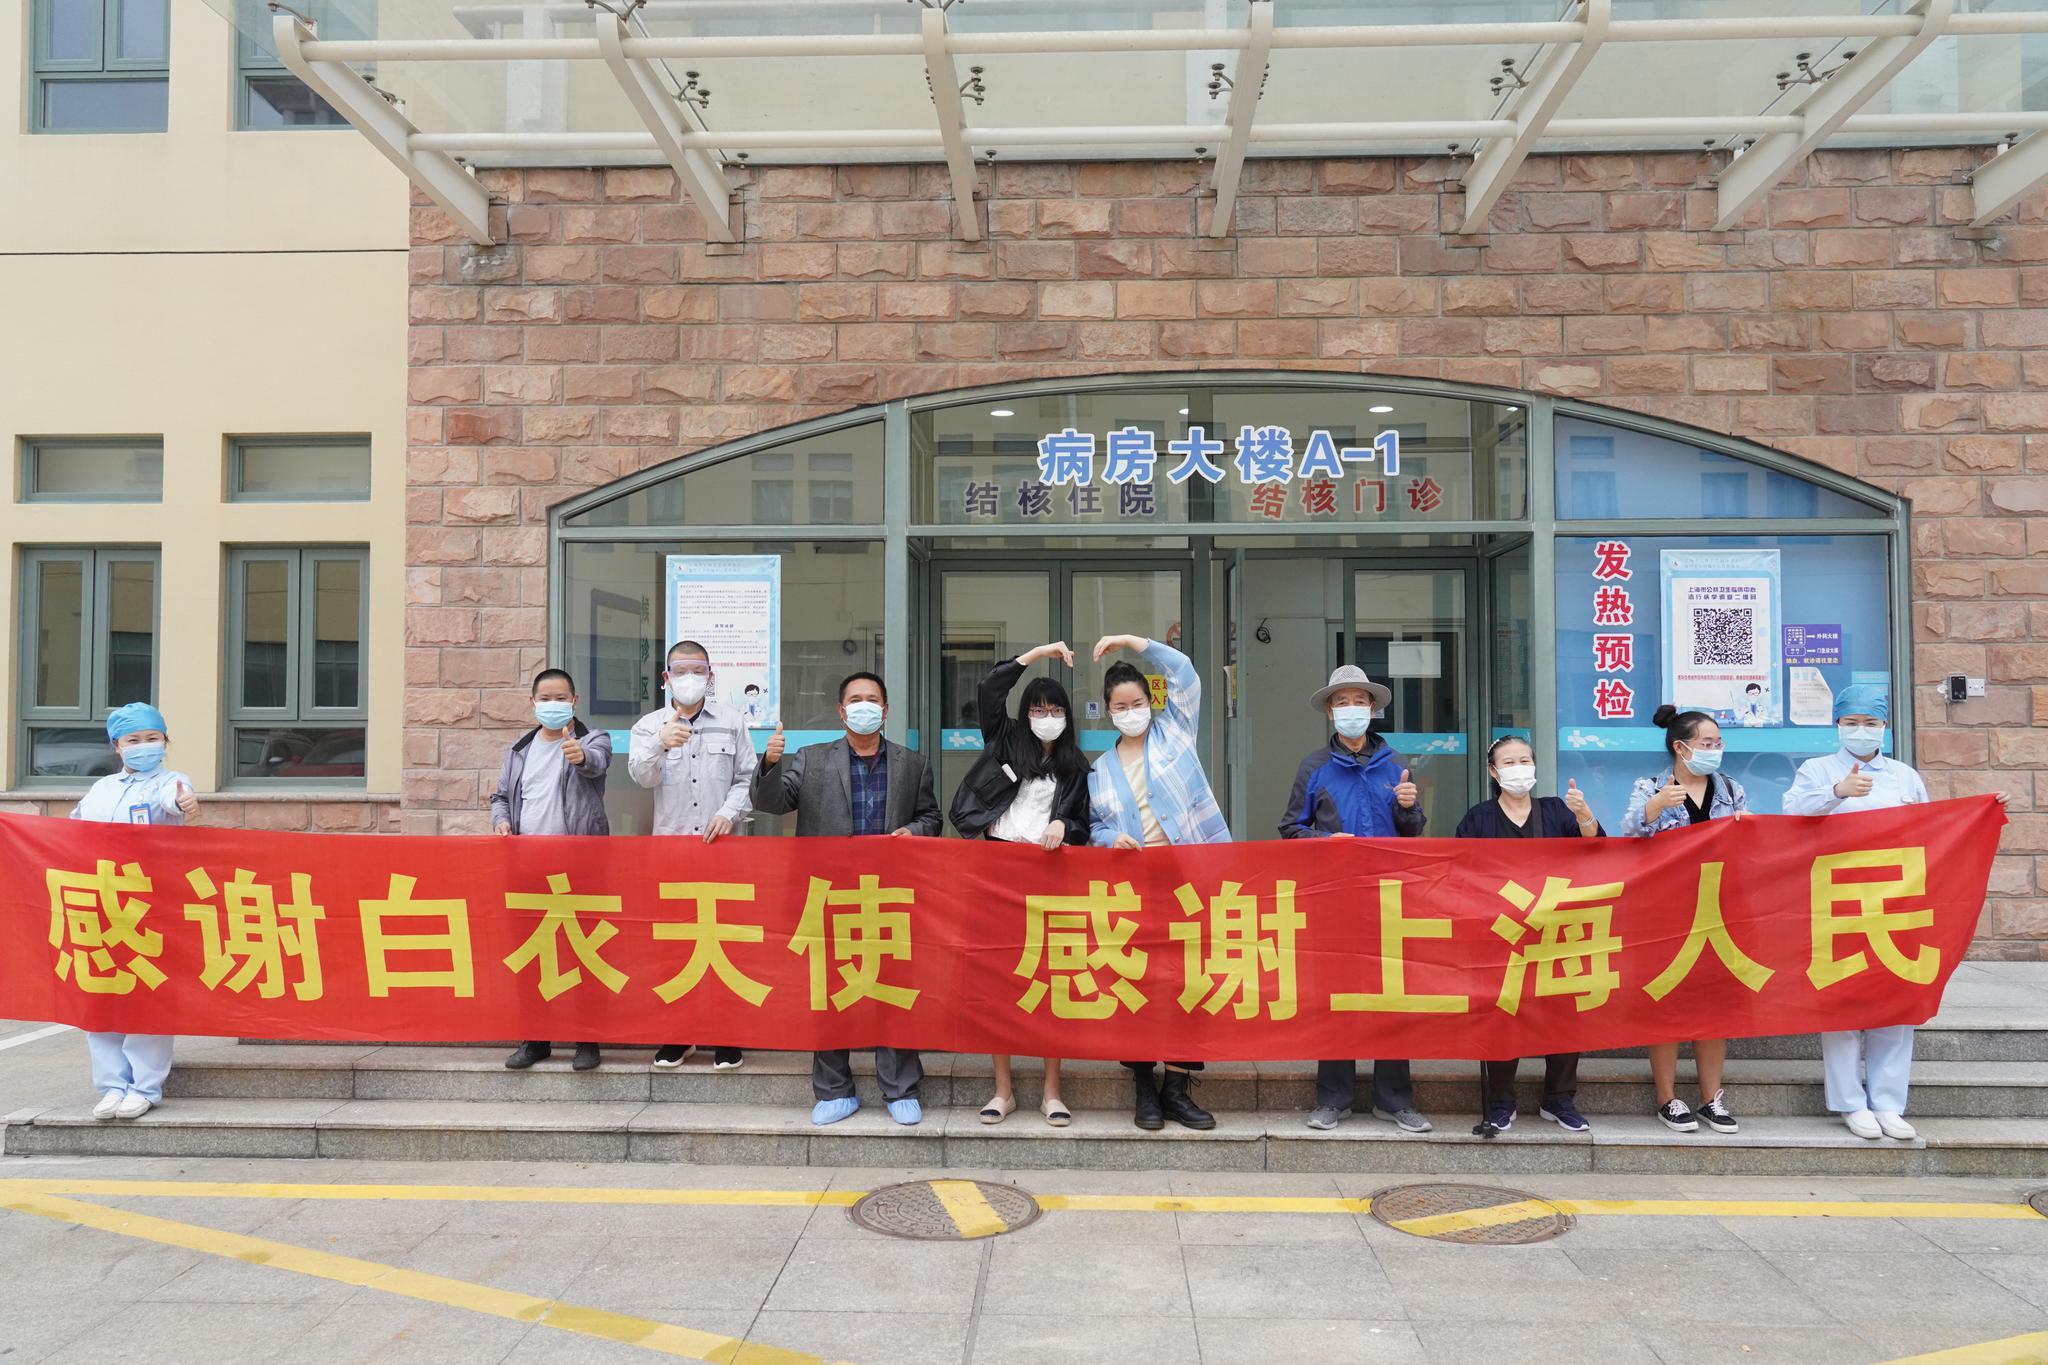 上海10月29日出院新冠患者中有对朝鲜族老人 住院时饮食中加了泡菜